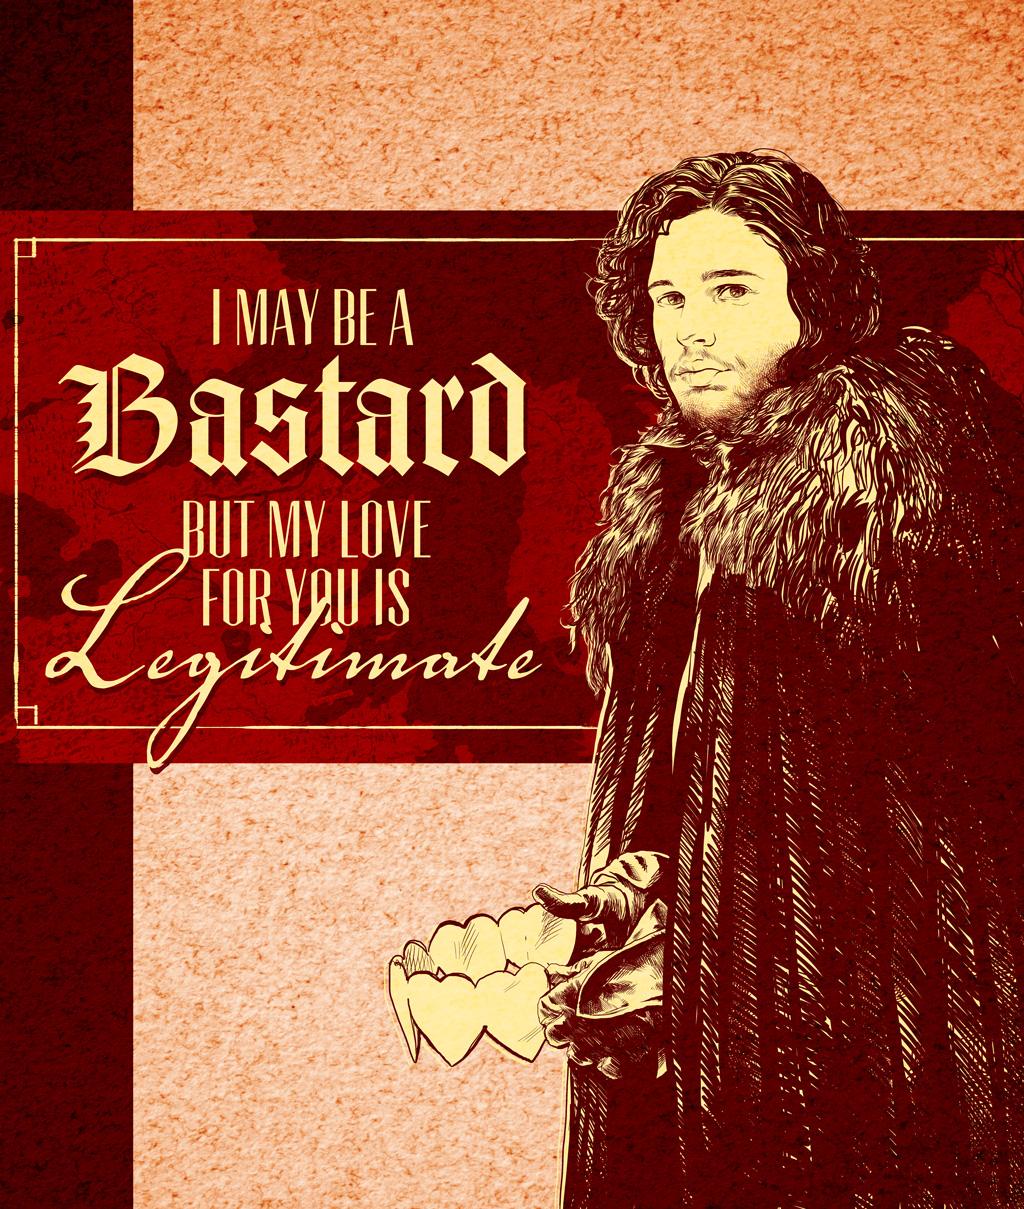 Schön ... Game Of Thrones Valentine   Jon Snow By Arosenlund